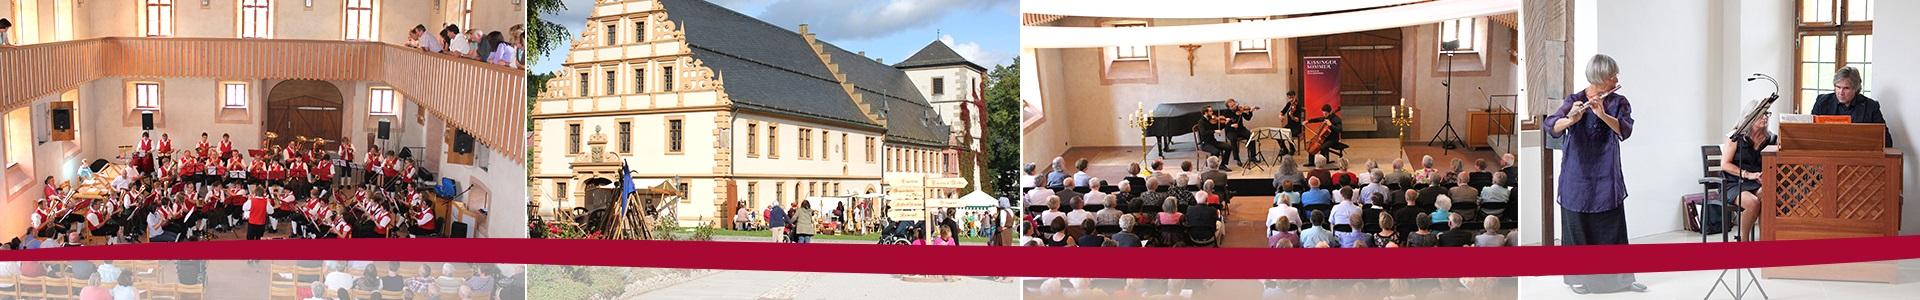 Kloster Maria Bildhausen - 35-Slider16.jpg